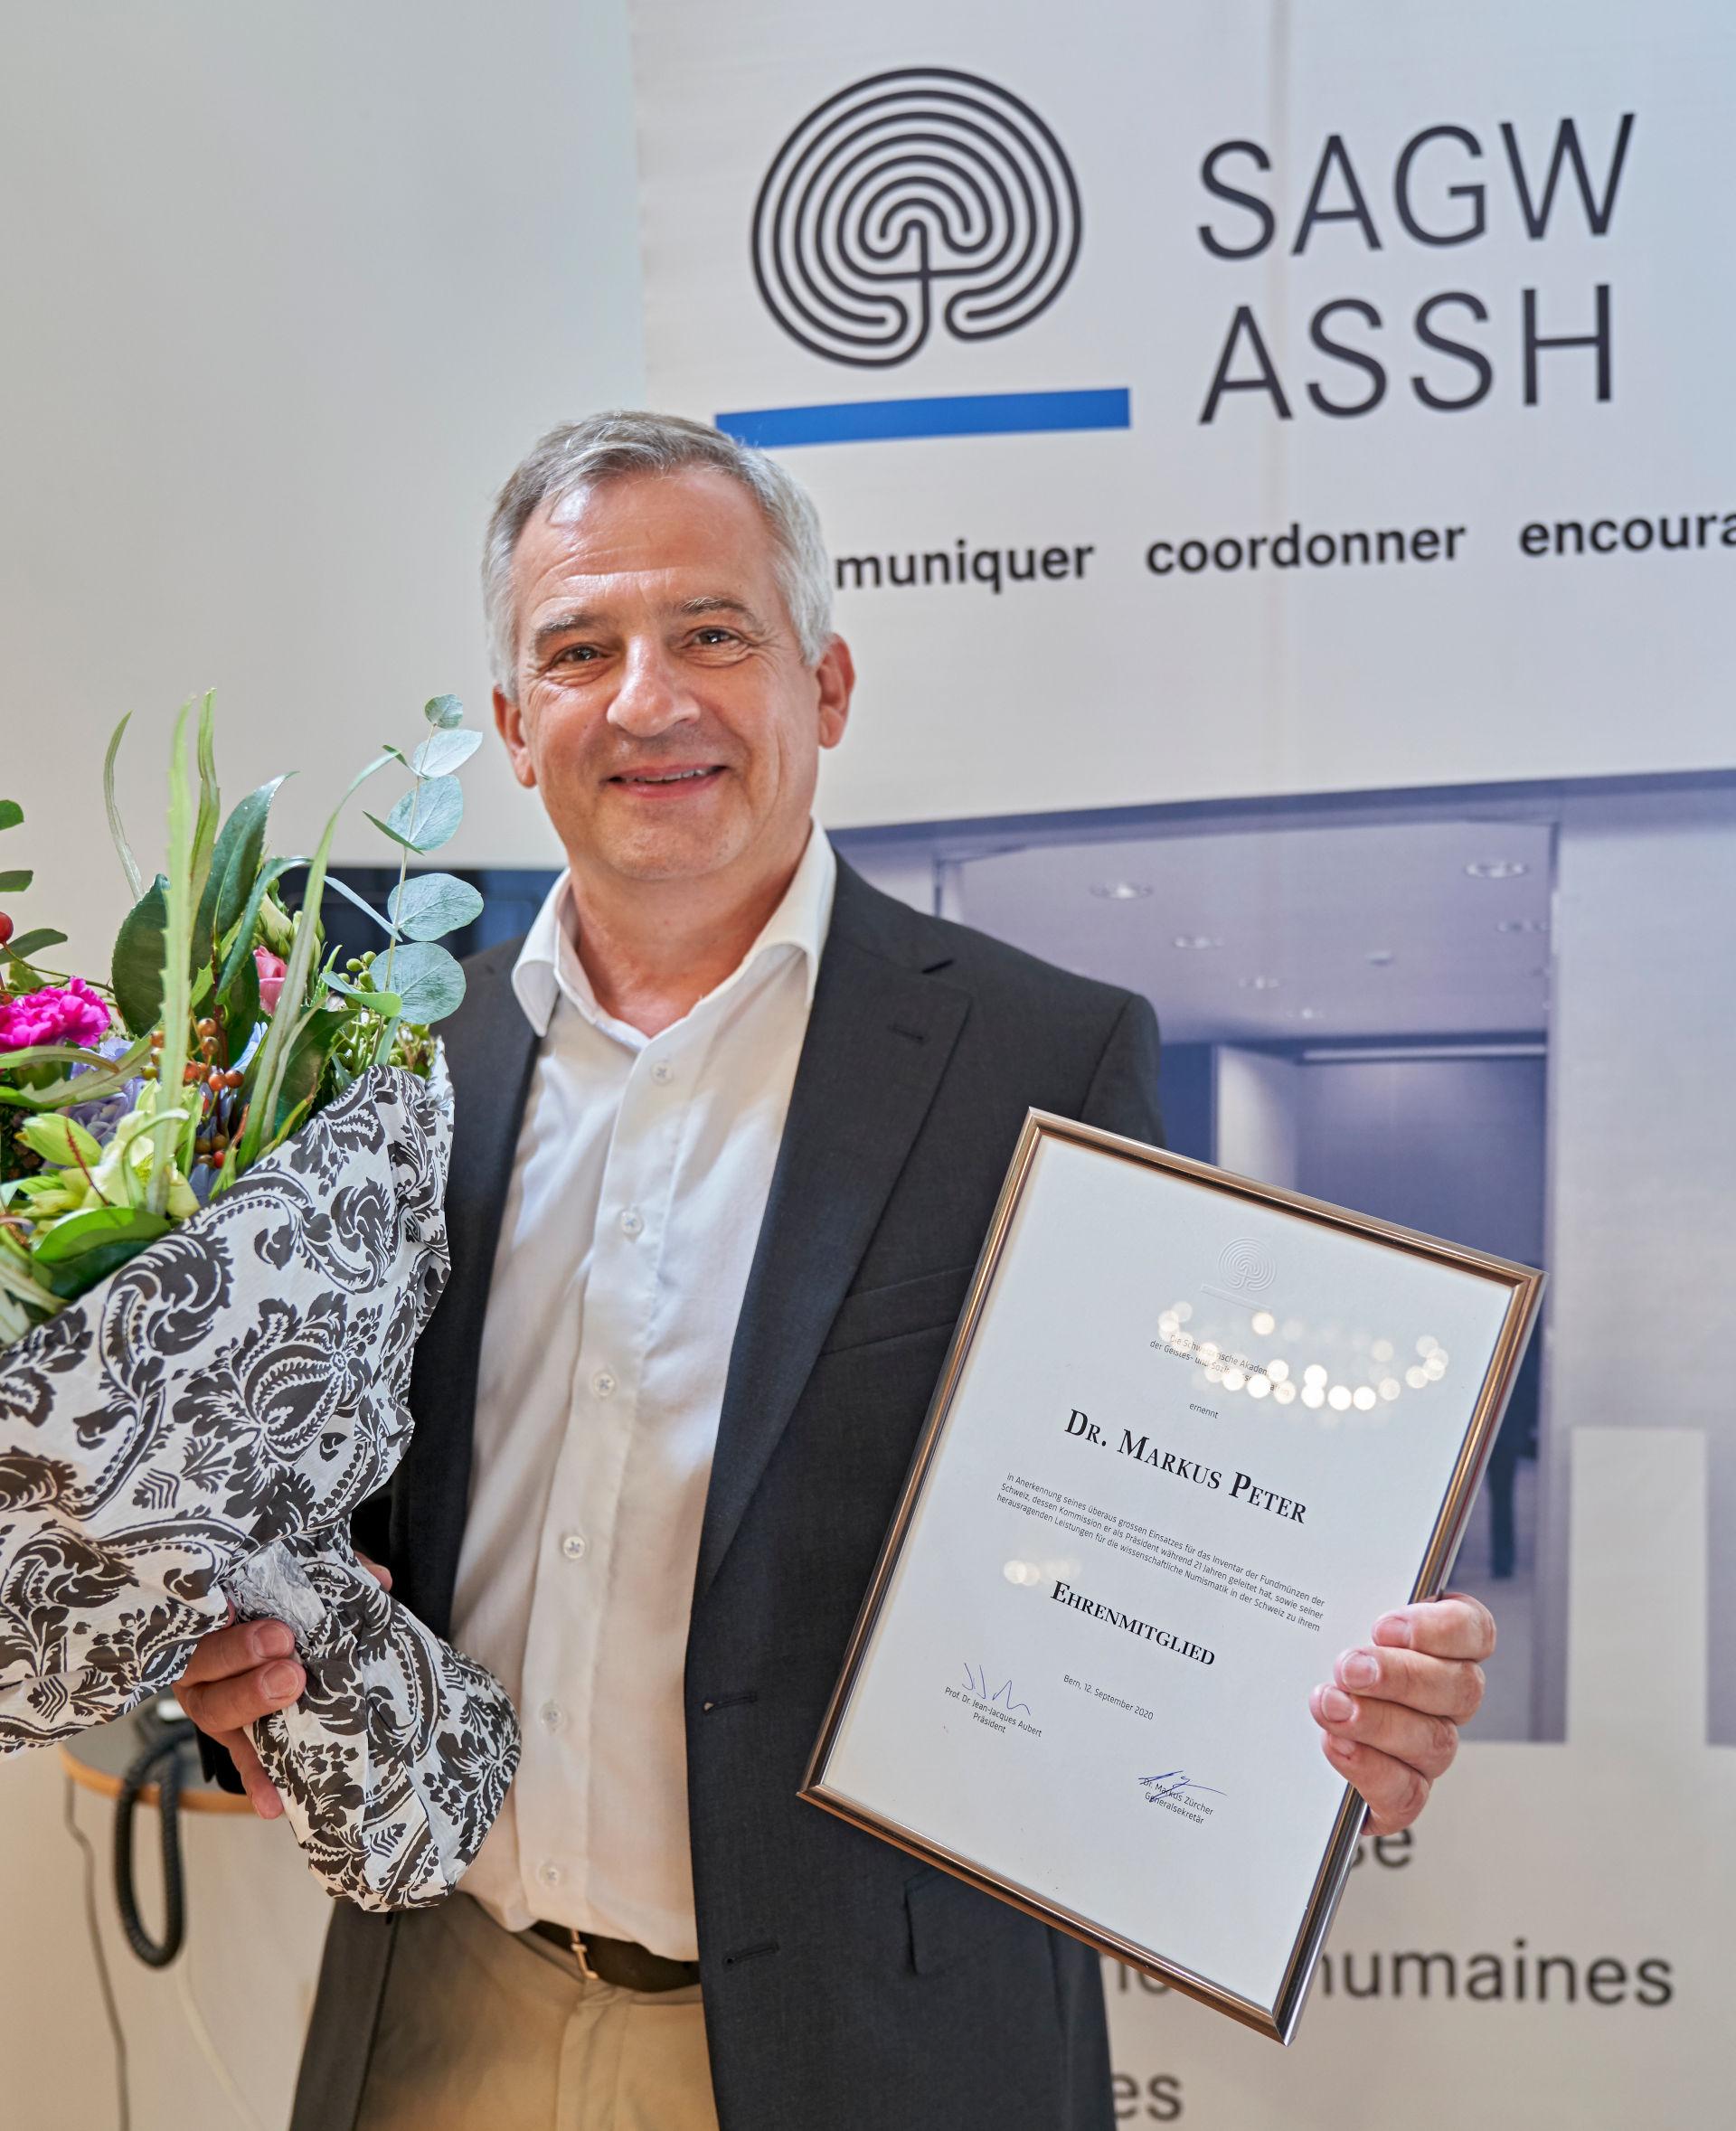 Dr Markus Peter, membre honoraire de l'ASSH 2020.